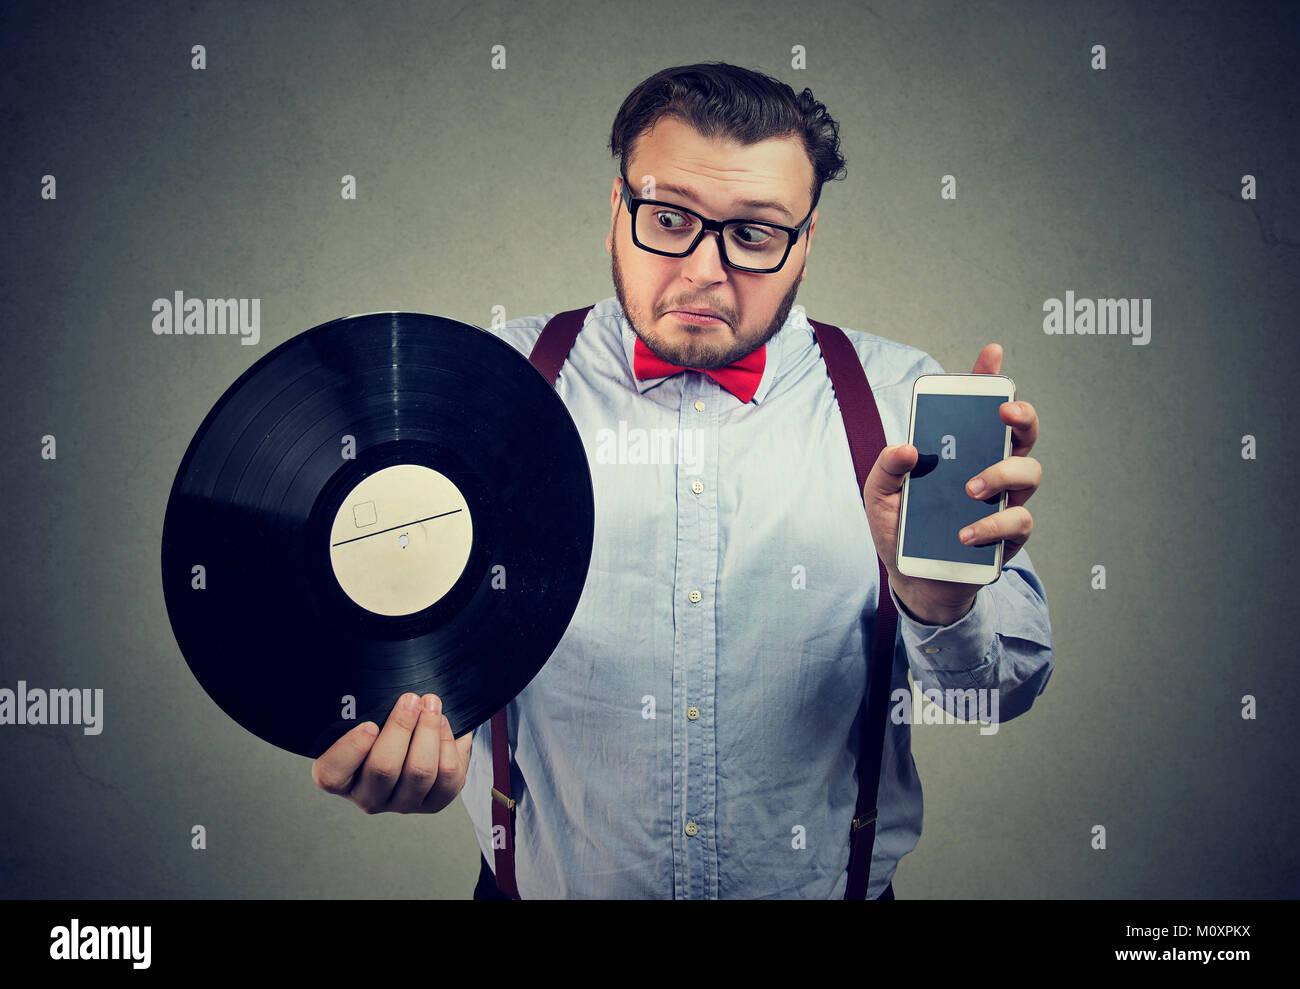 Chunky Hombre sujetando un disco de vinilo y smartphone comparando lo viejo y lo nuevo. Imagen De Stock